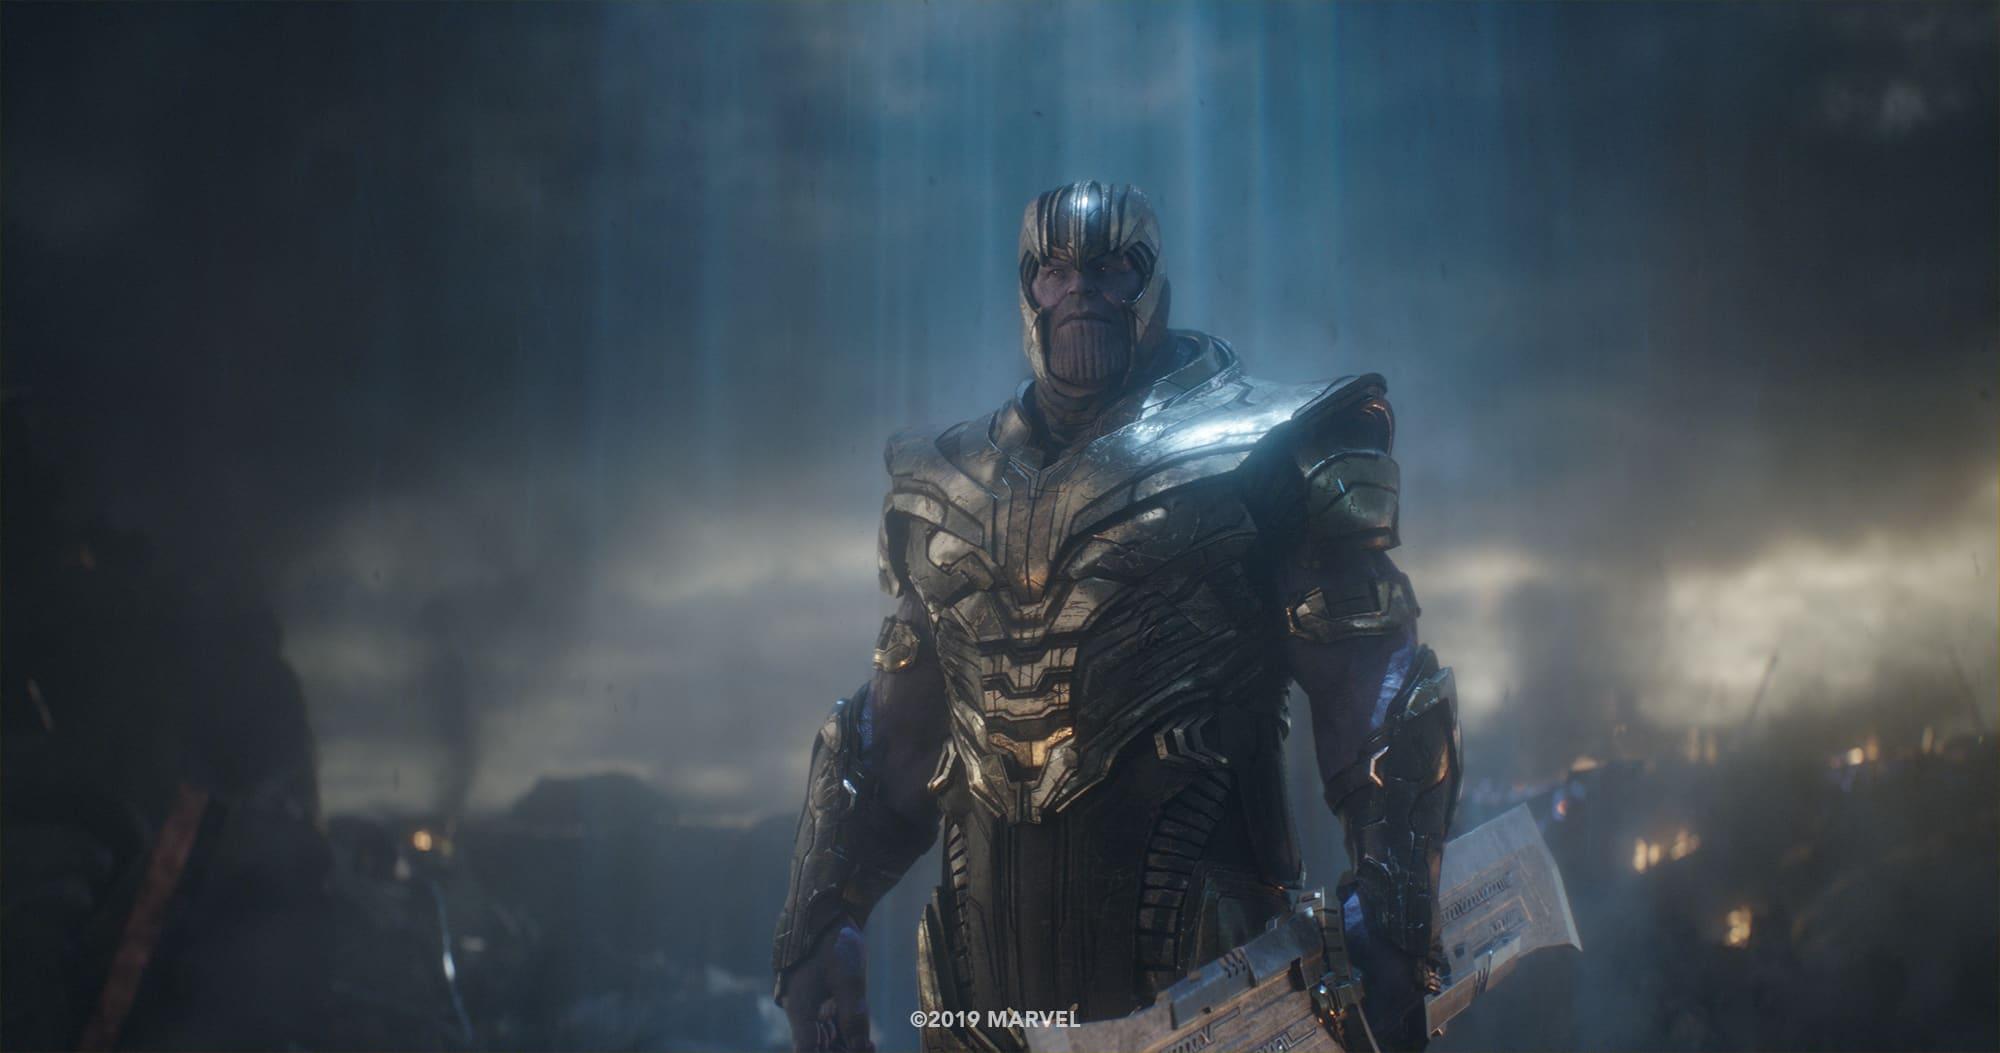 Endgame Thanos